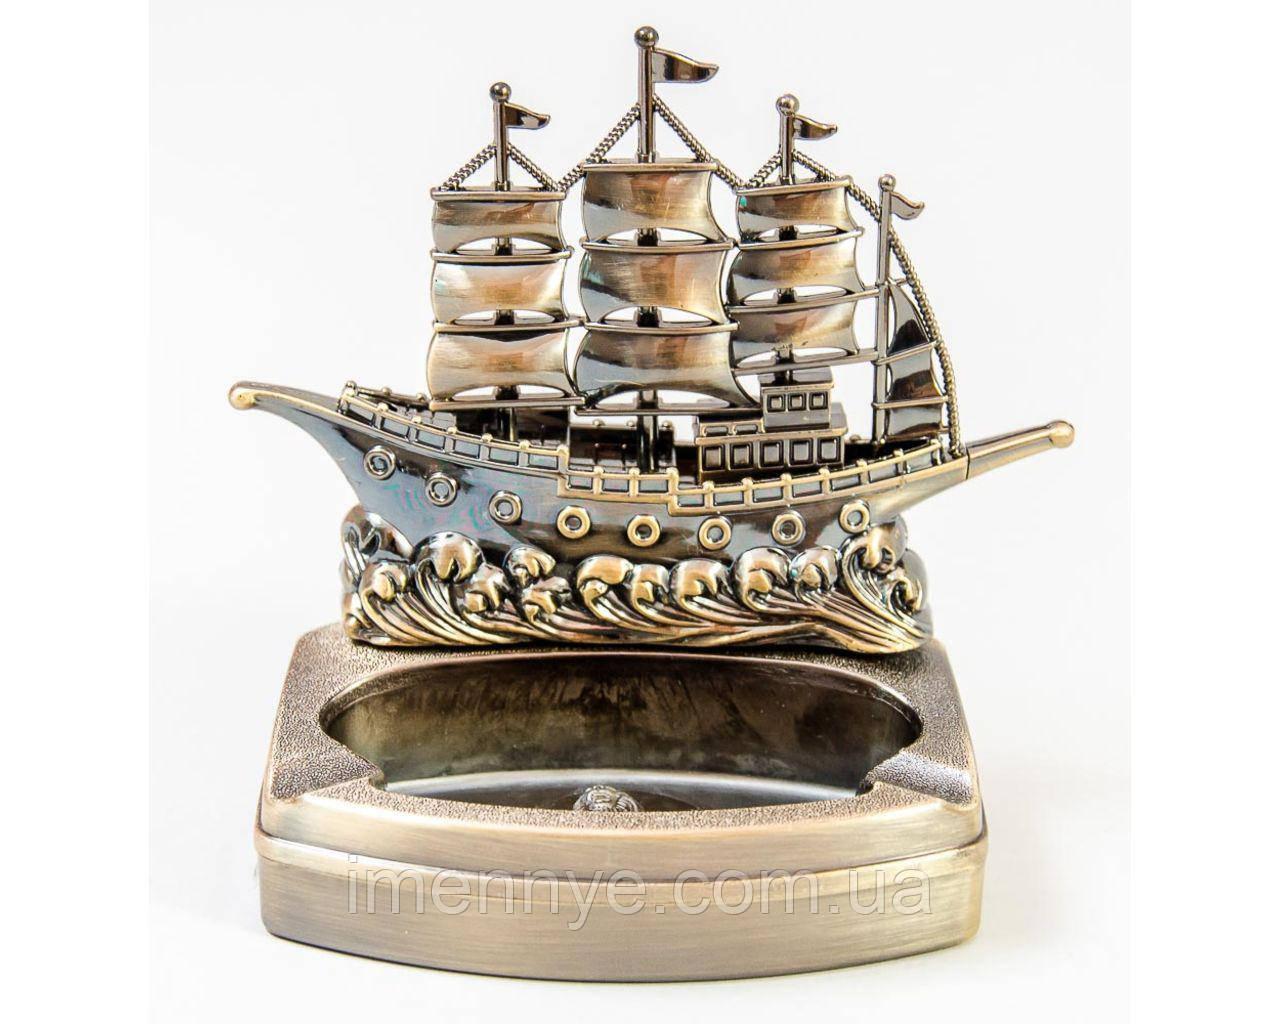 Пепельница с зажигалкой «Корабль»